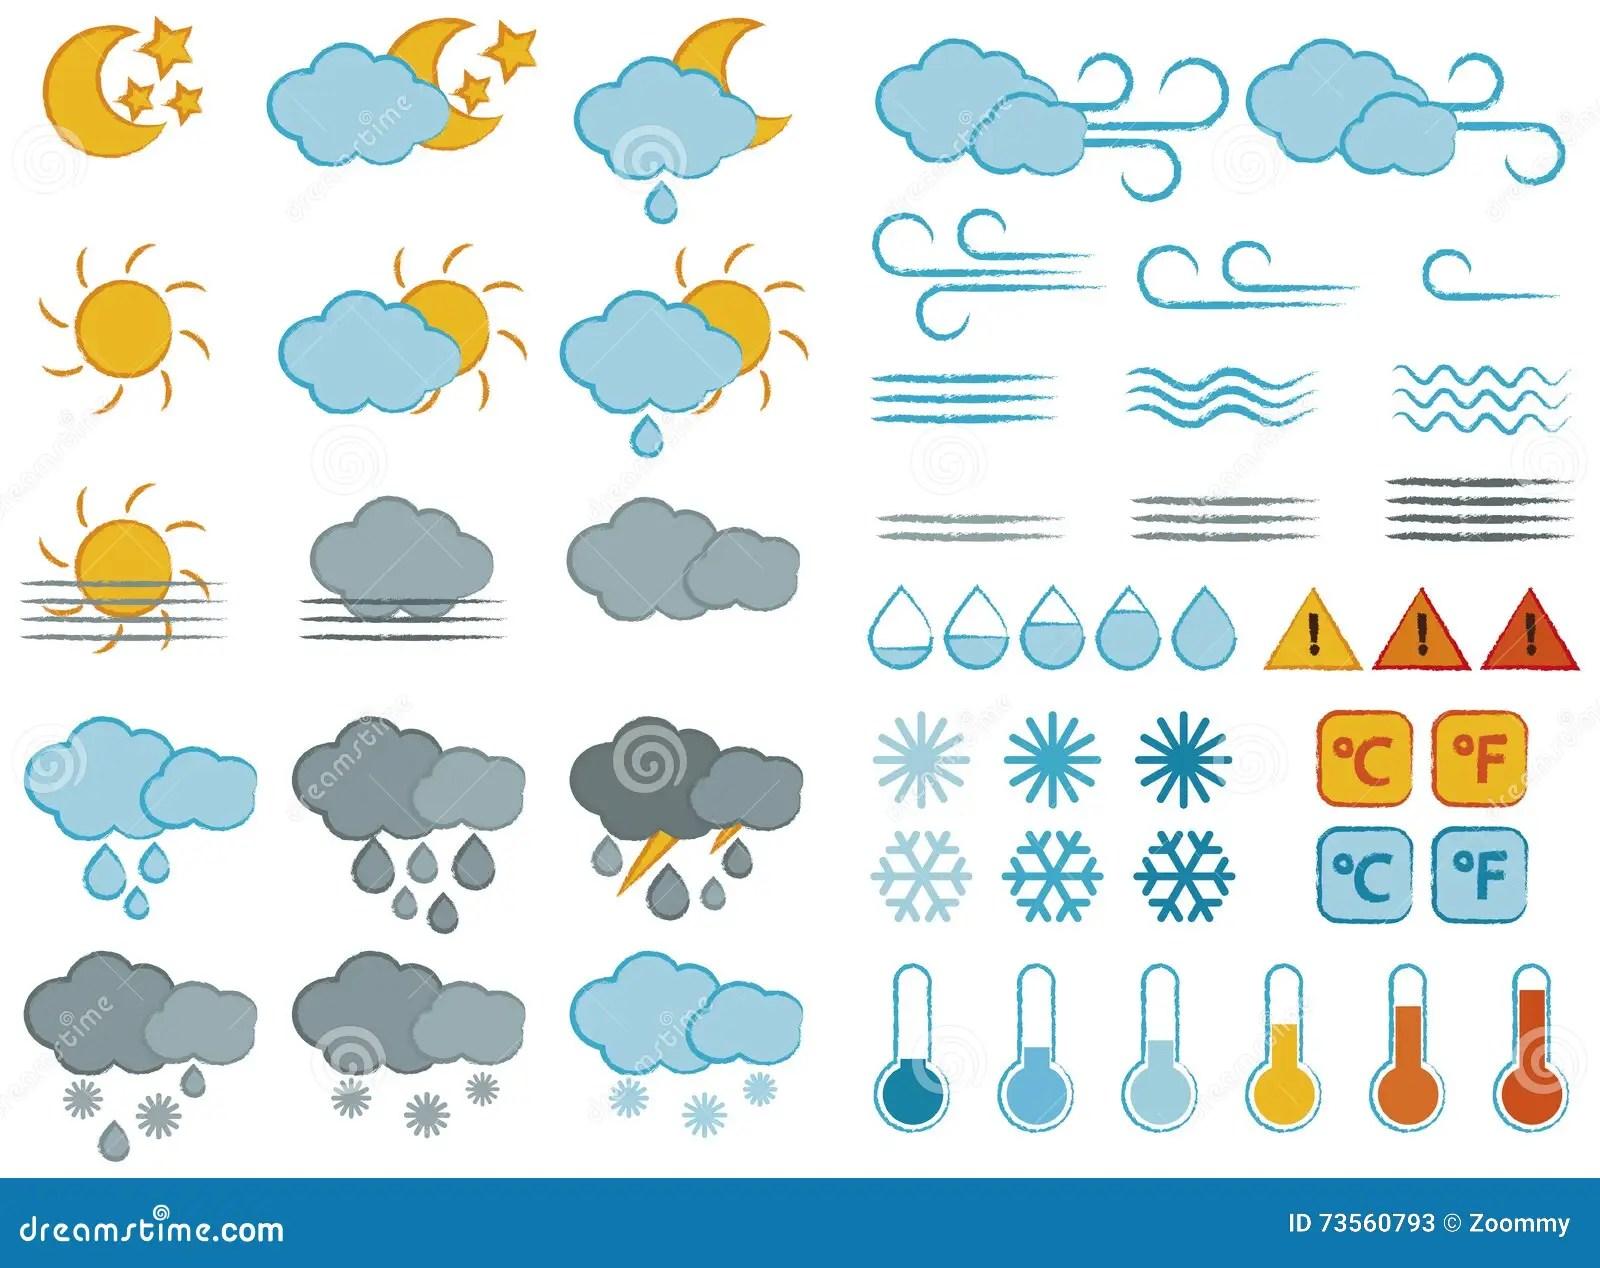 Wettersymbole Und Ikonen Eingestellt Vektor Abbildung